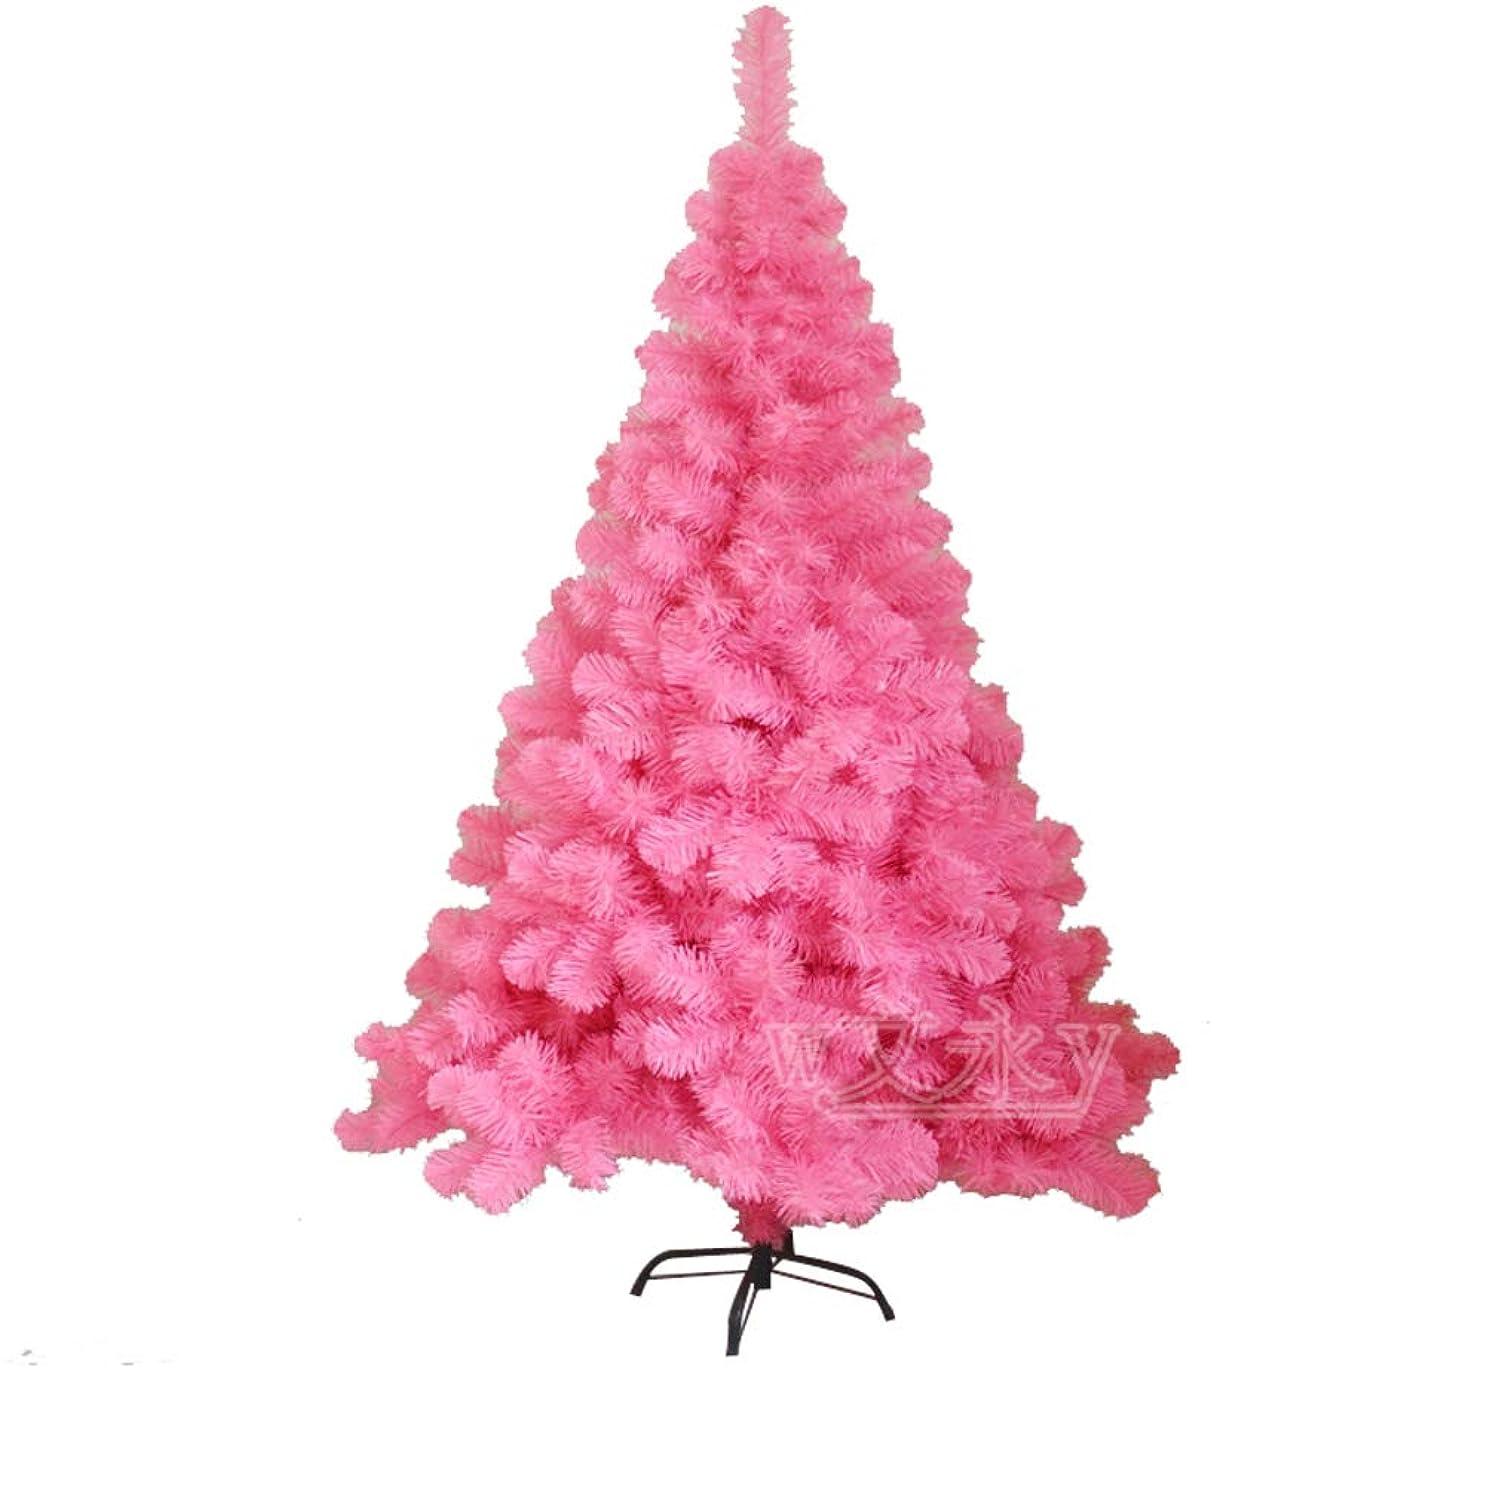 寛大な破裂スプリットプレミアム 人工クリスマスツリー, ツリーアンライト トウヒ ヒンジ クリスマスツリー エコ-フレンドリー と 固体の金属製の脚 ホーム デコレーション-ピンク 180cm(71inch)